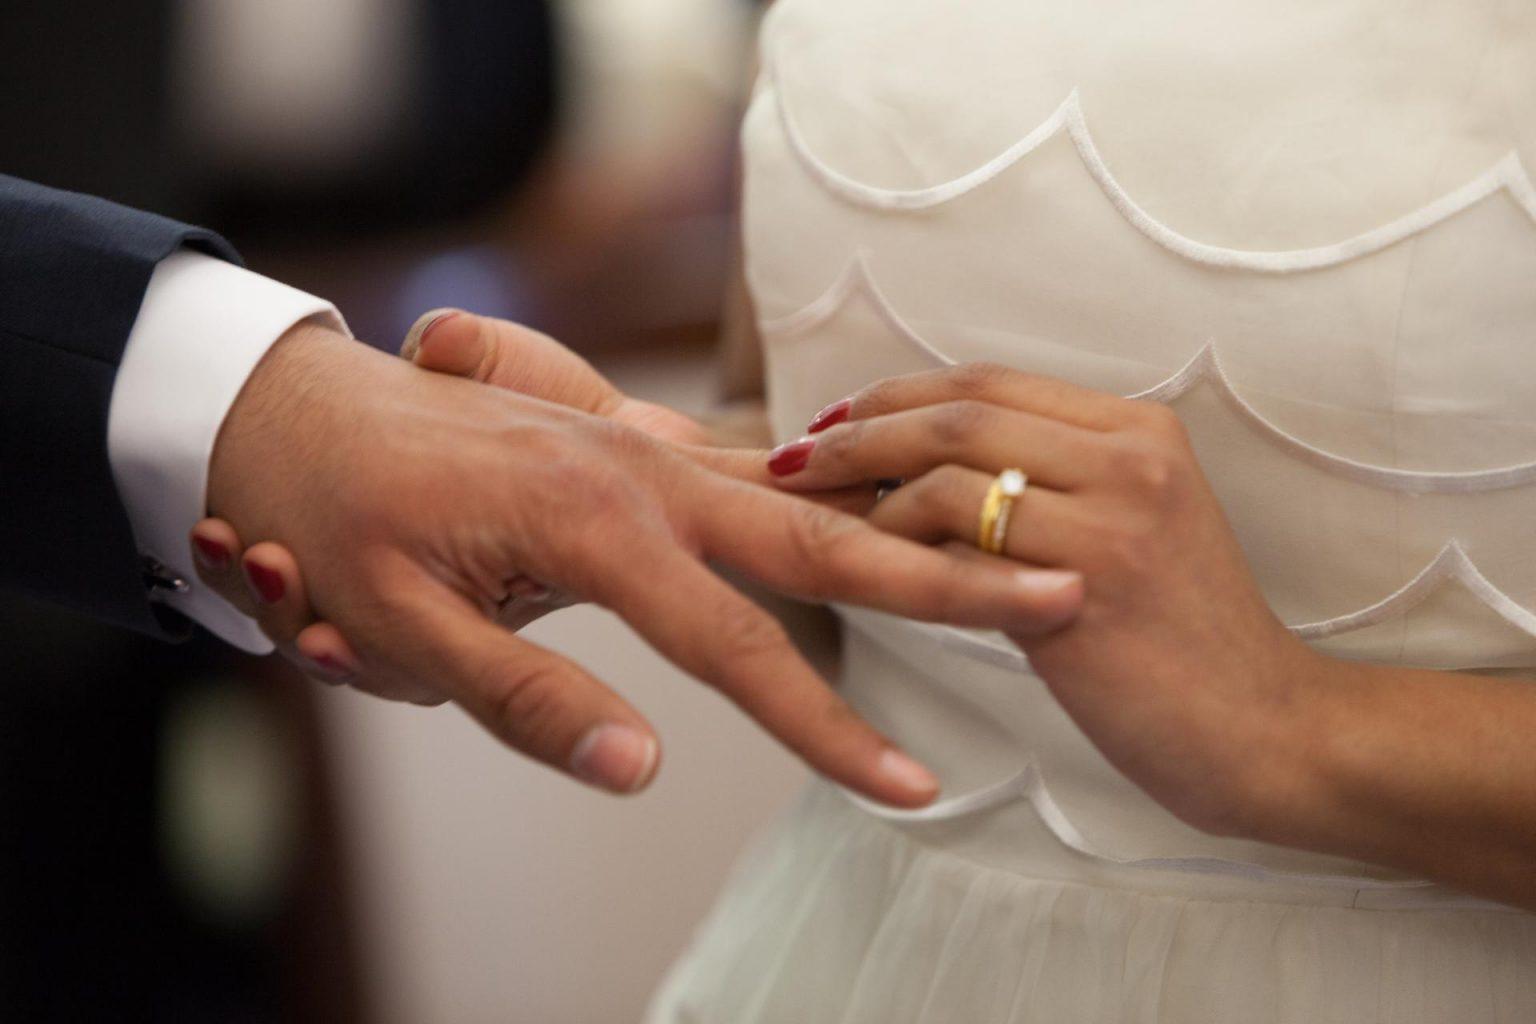 Ile Kosztuje ślub I Jakie Dokumenty Są Potrzebne Lubelskipl